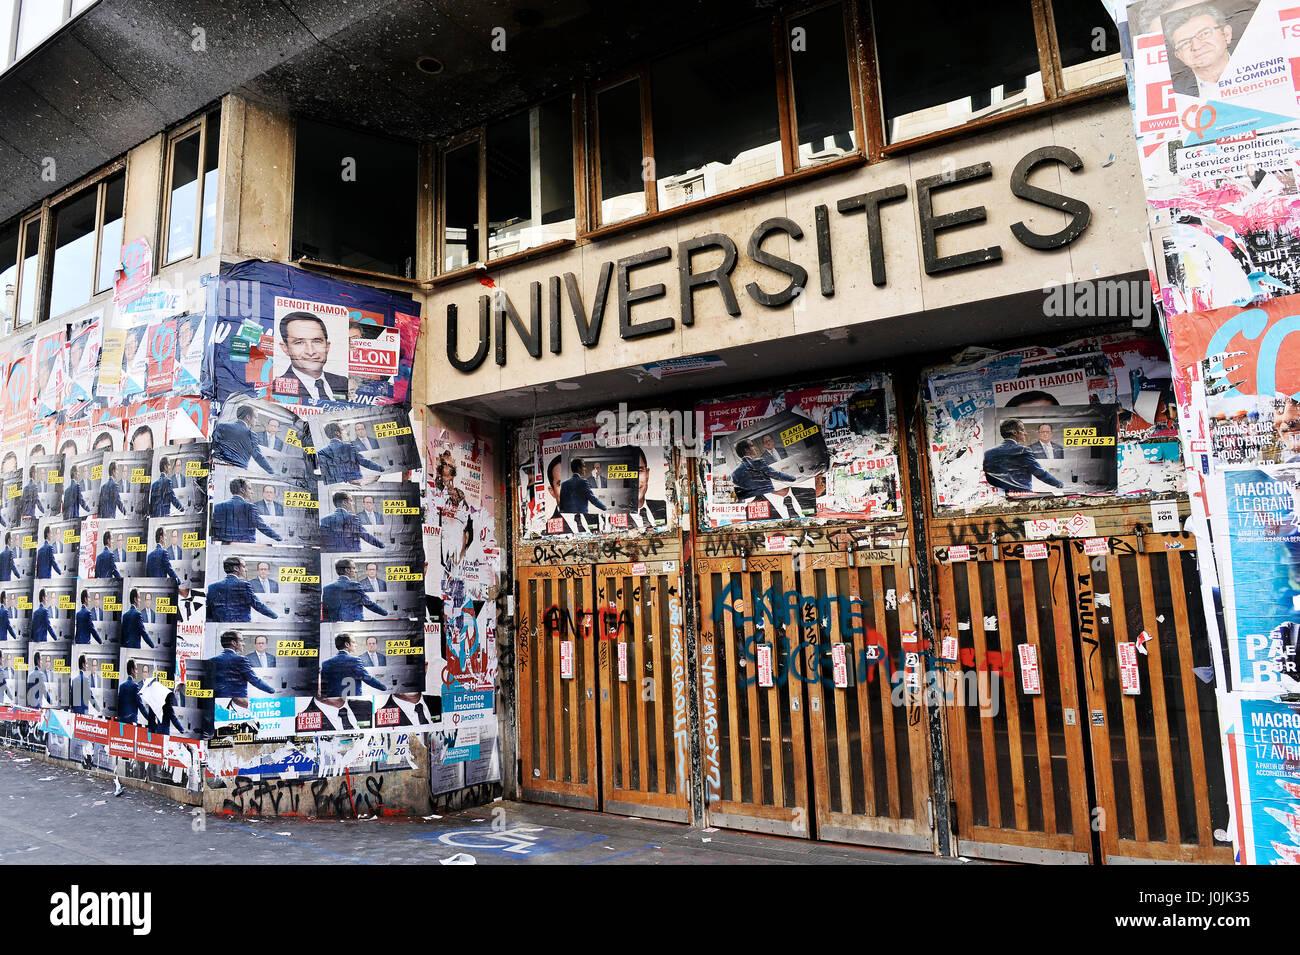 Panthéon university, Paris, France - Stock Image